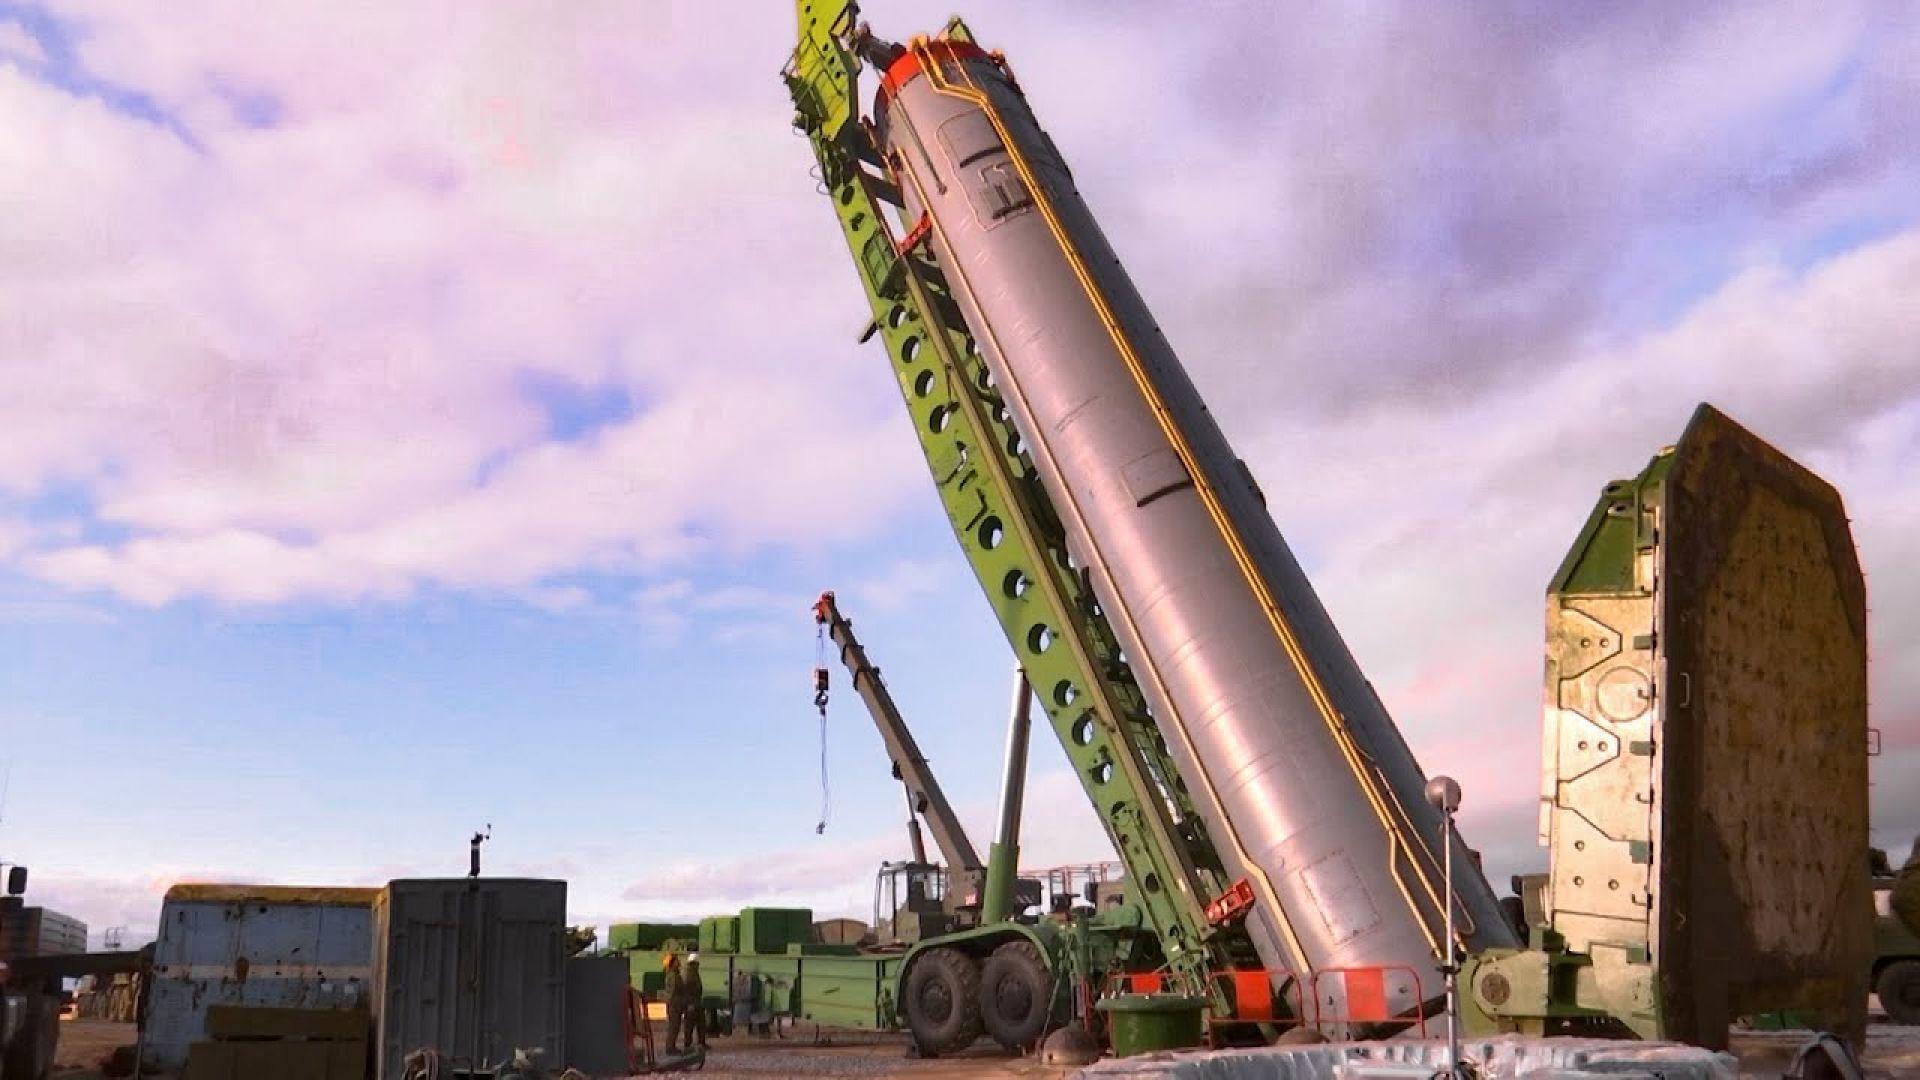 Как се зареждат силозите с балистични ракети (видео)